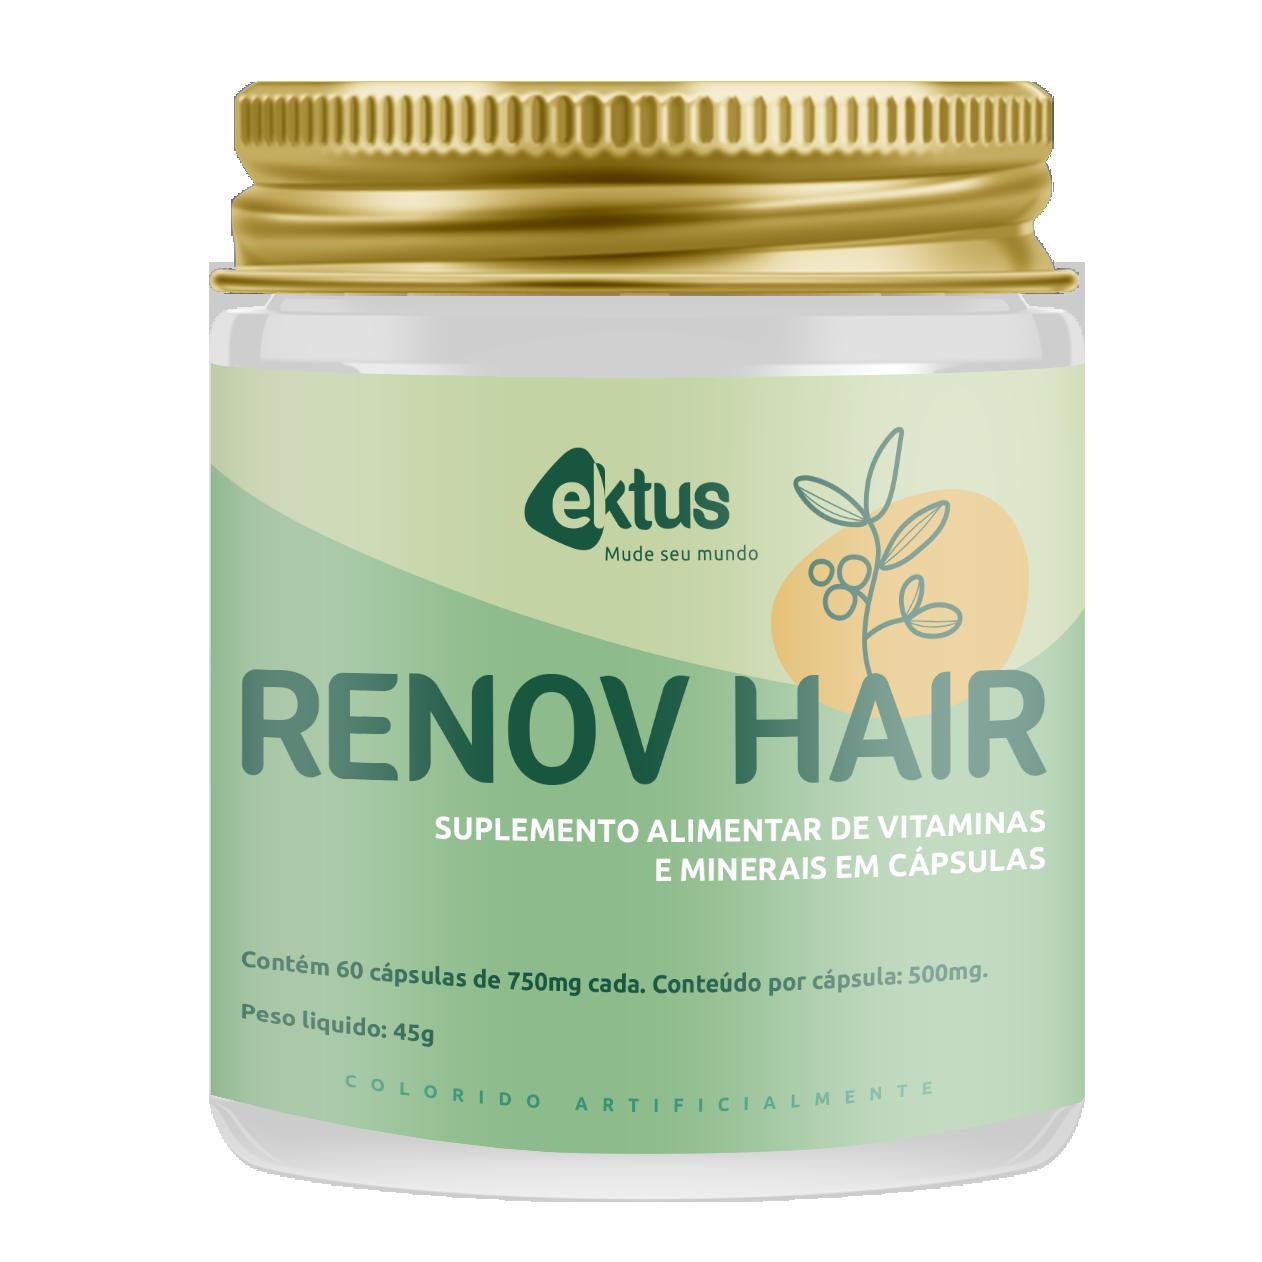 Renov Hair Ektus 60 Cáps de 750mg